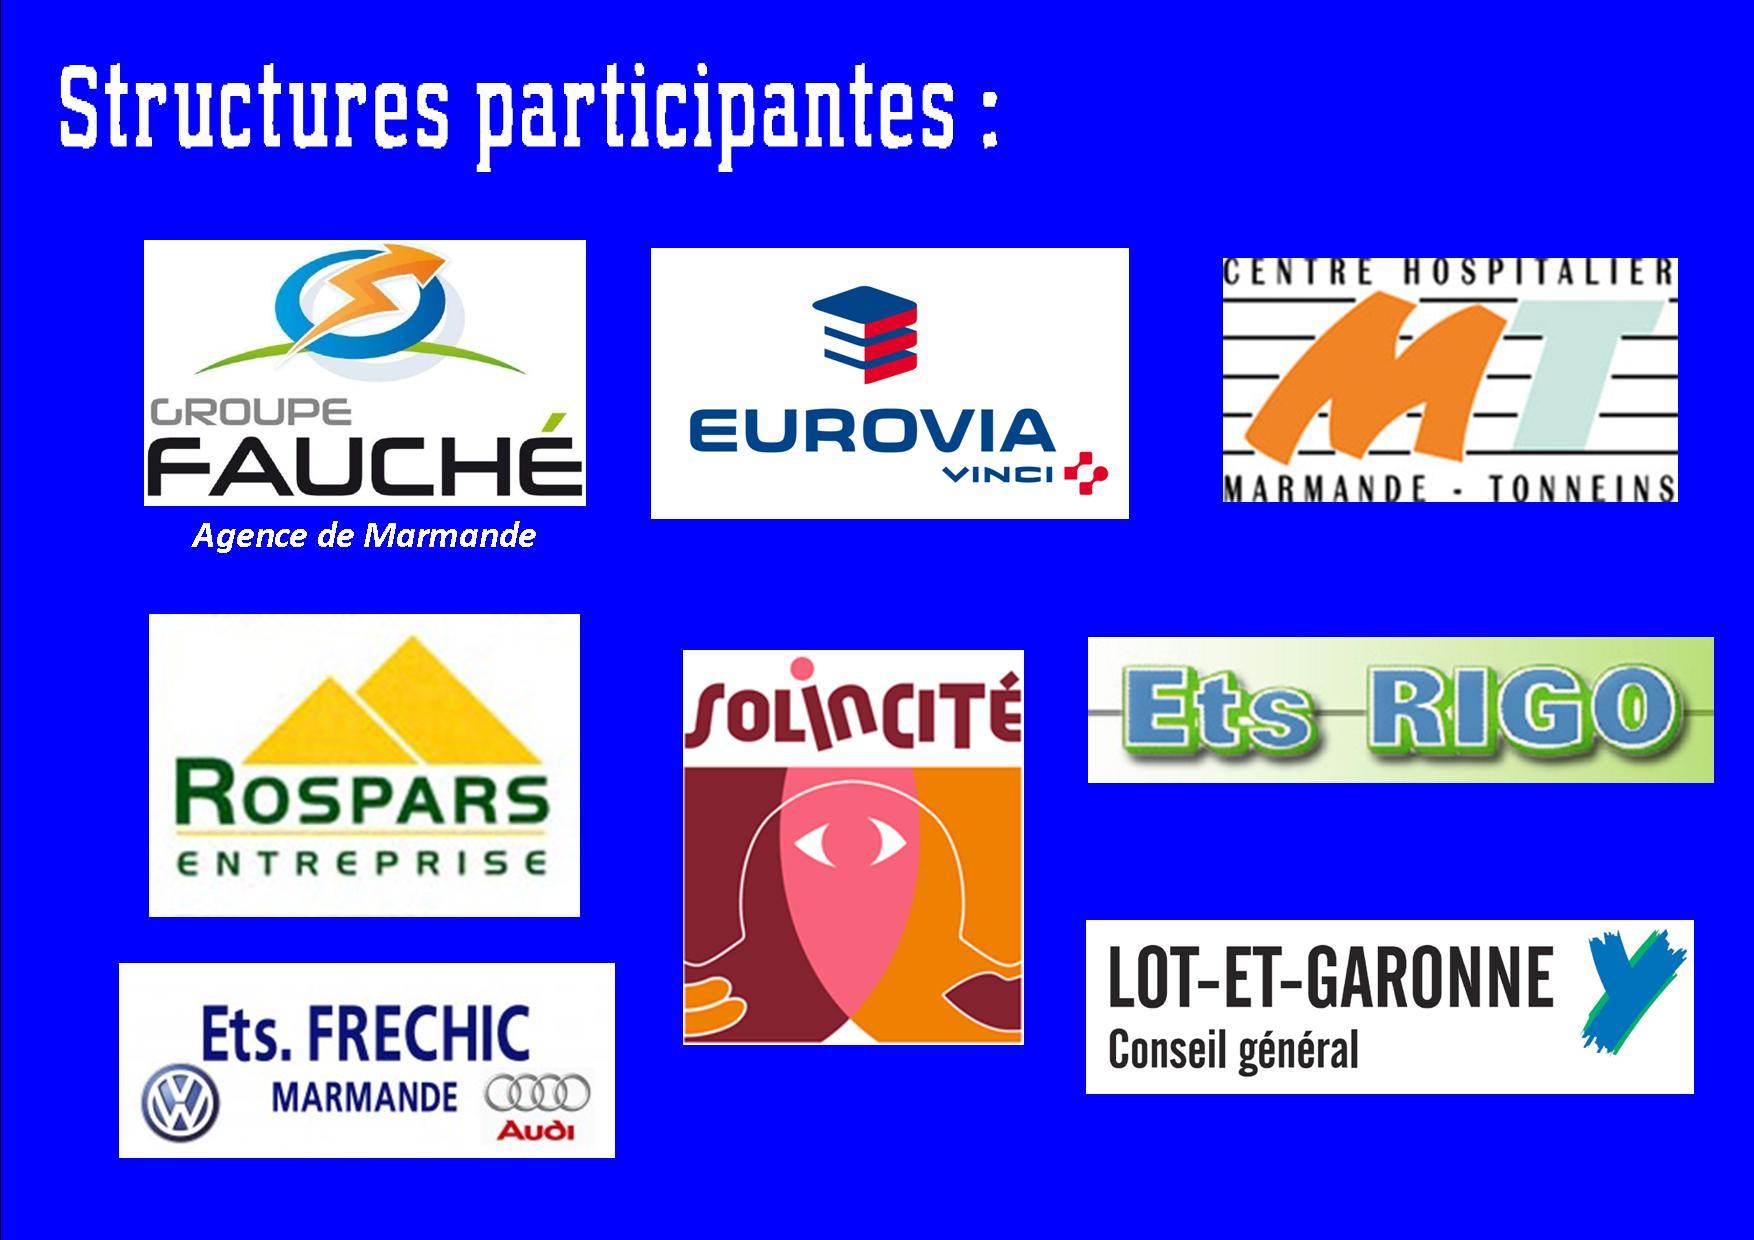 Structures participantes